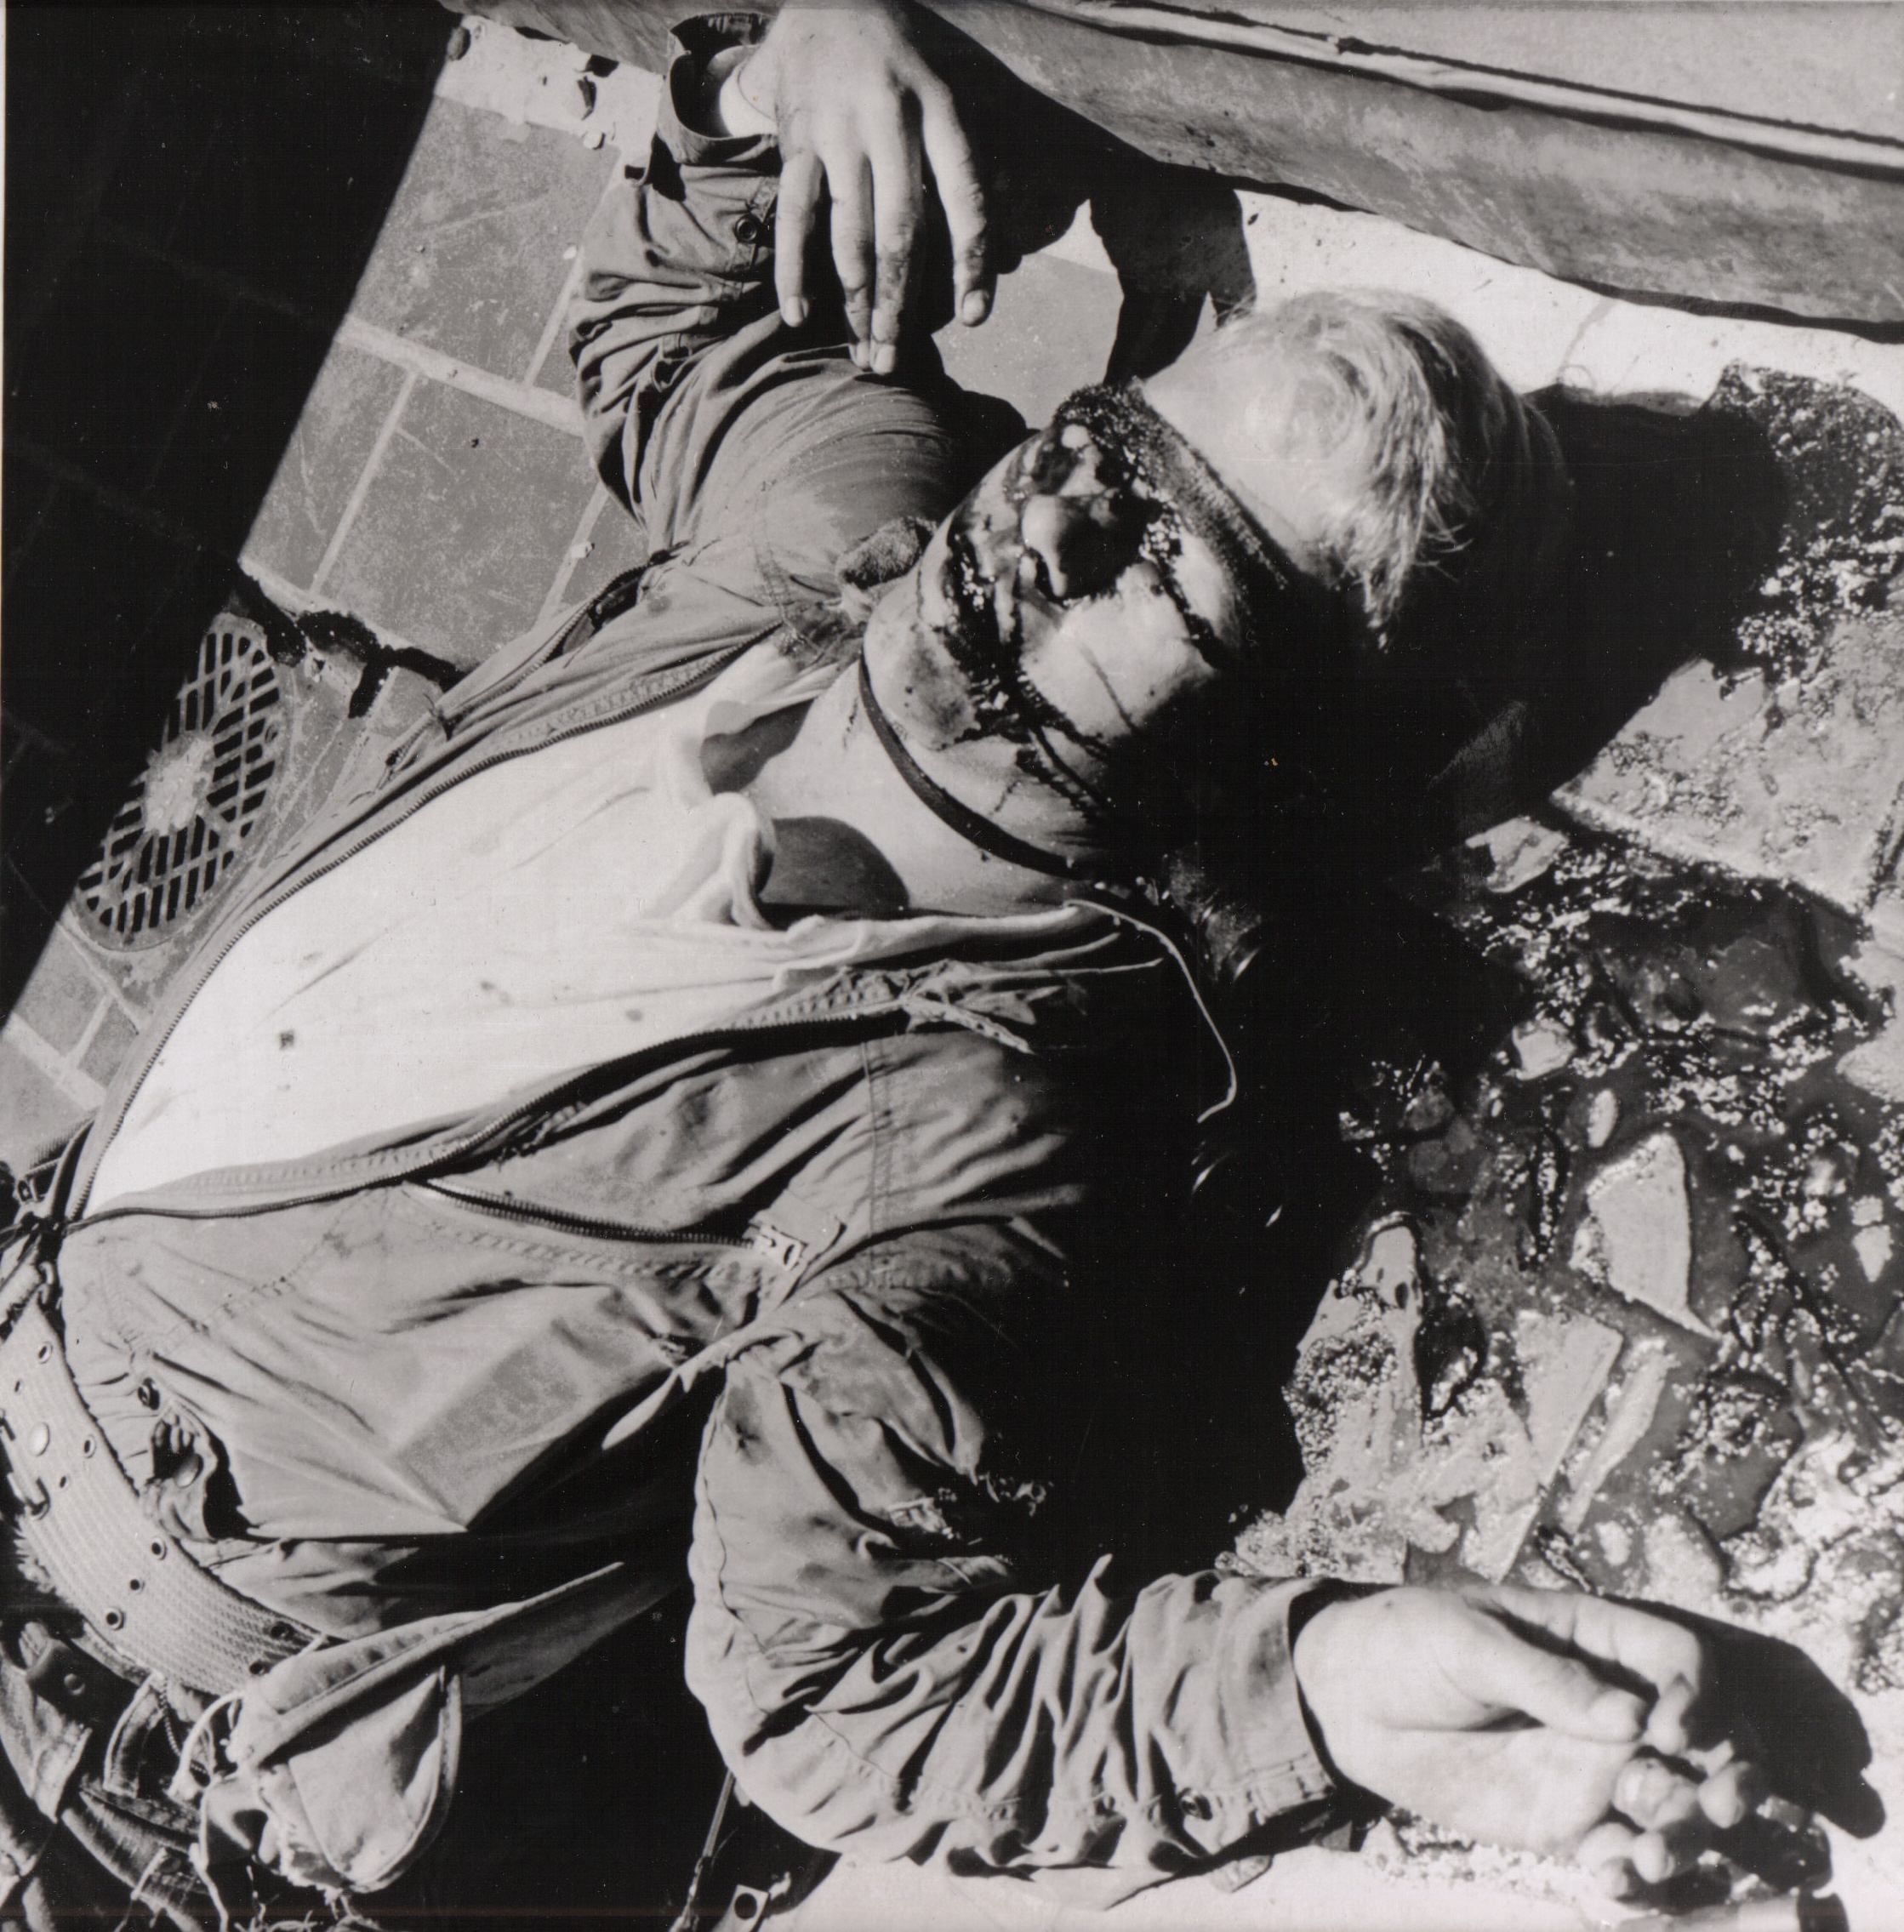 Il corpo di Charles Whitman dopo essere stato ucciso dalla polizia